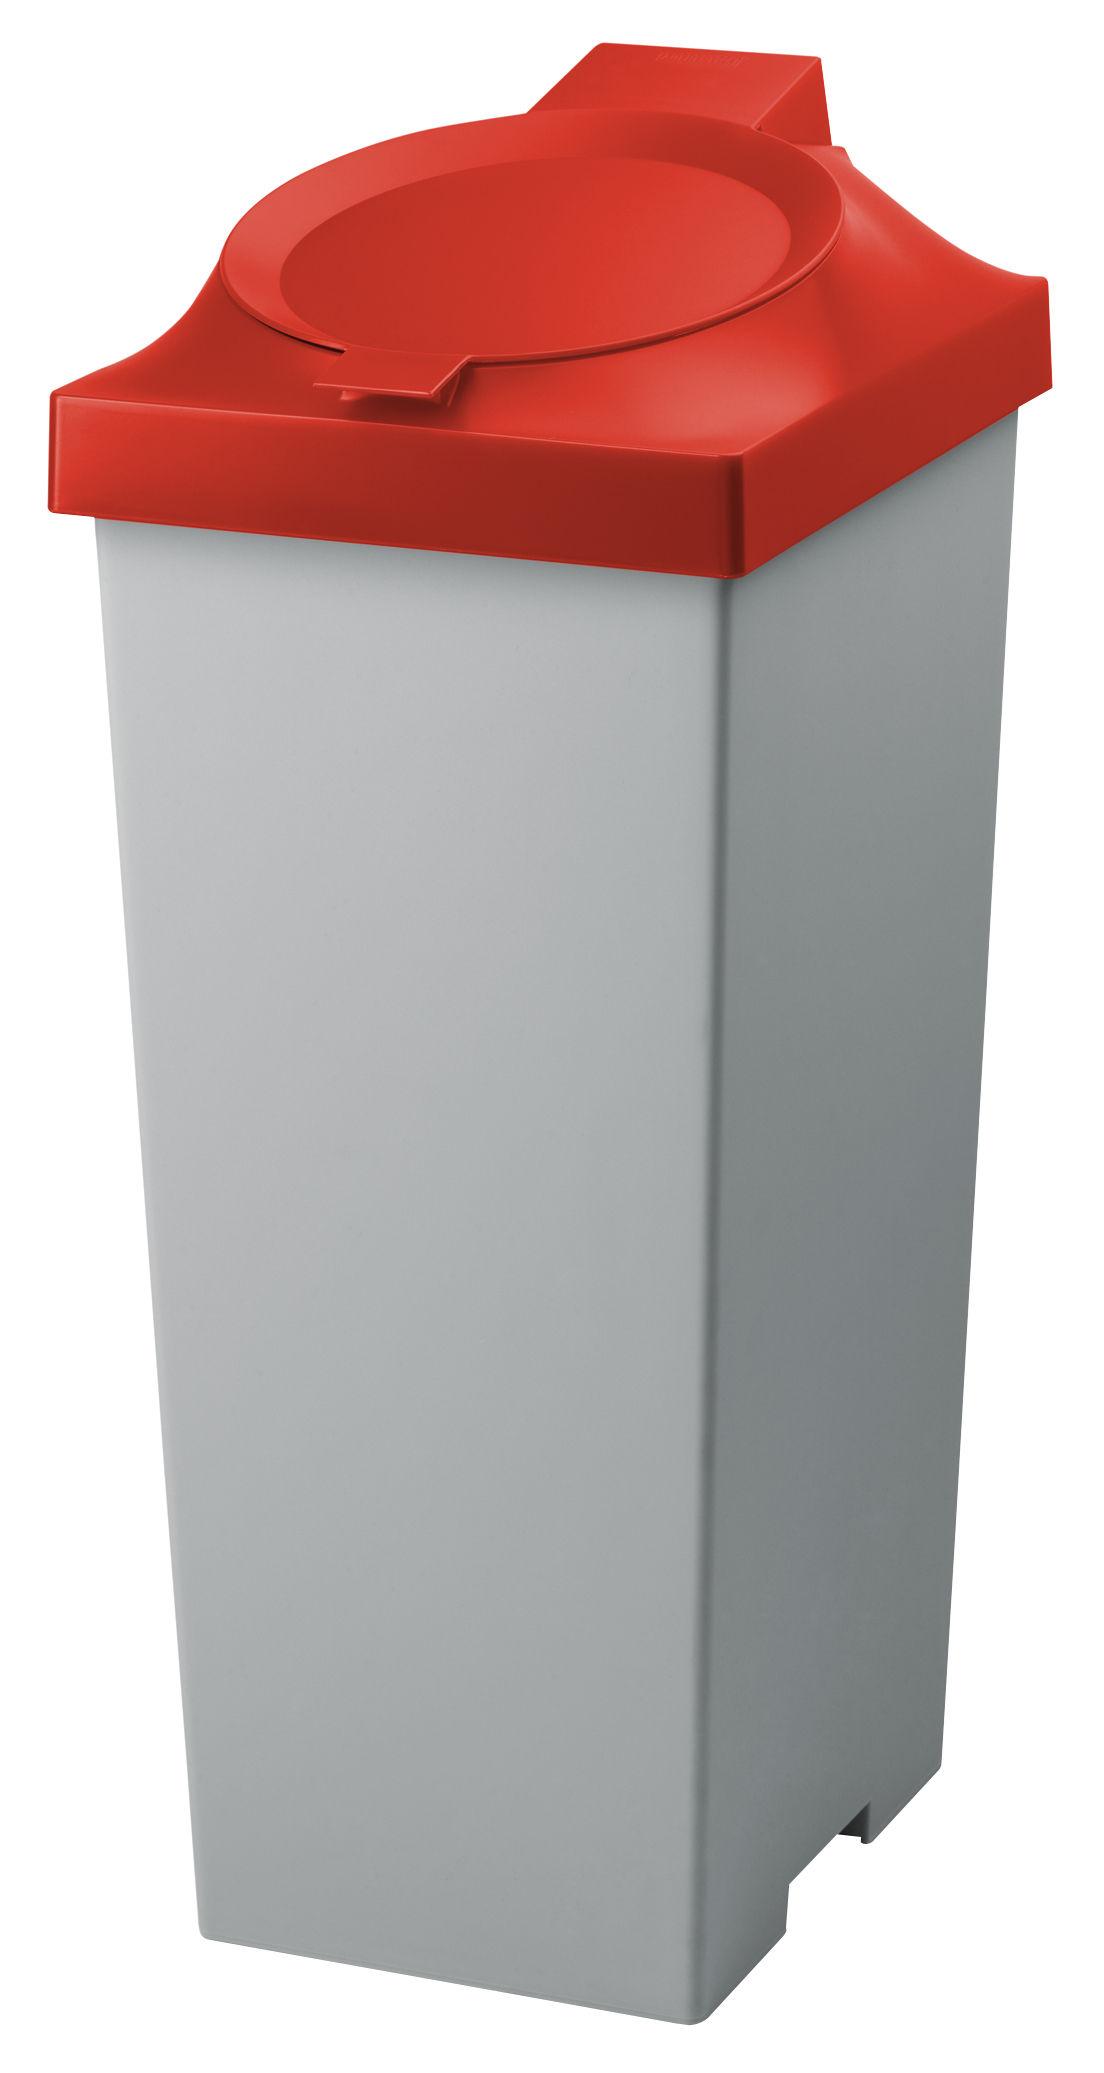 poubelle top pour tri s lectif 20 litres rouge. Black Bedroom Furniture Sets. Home Design Ideas